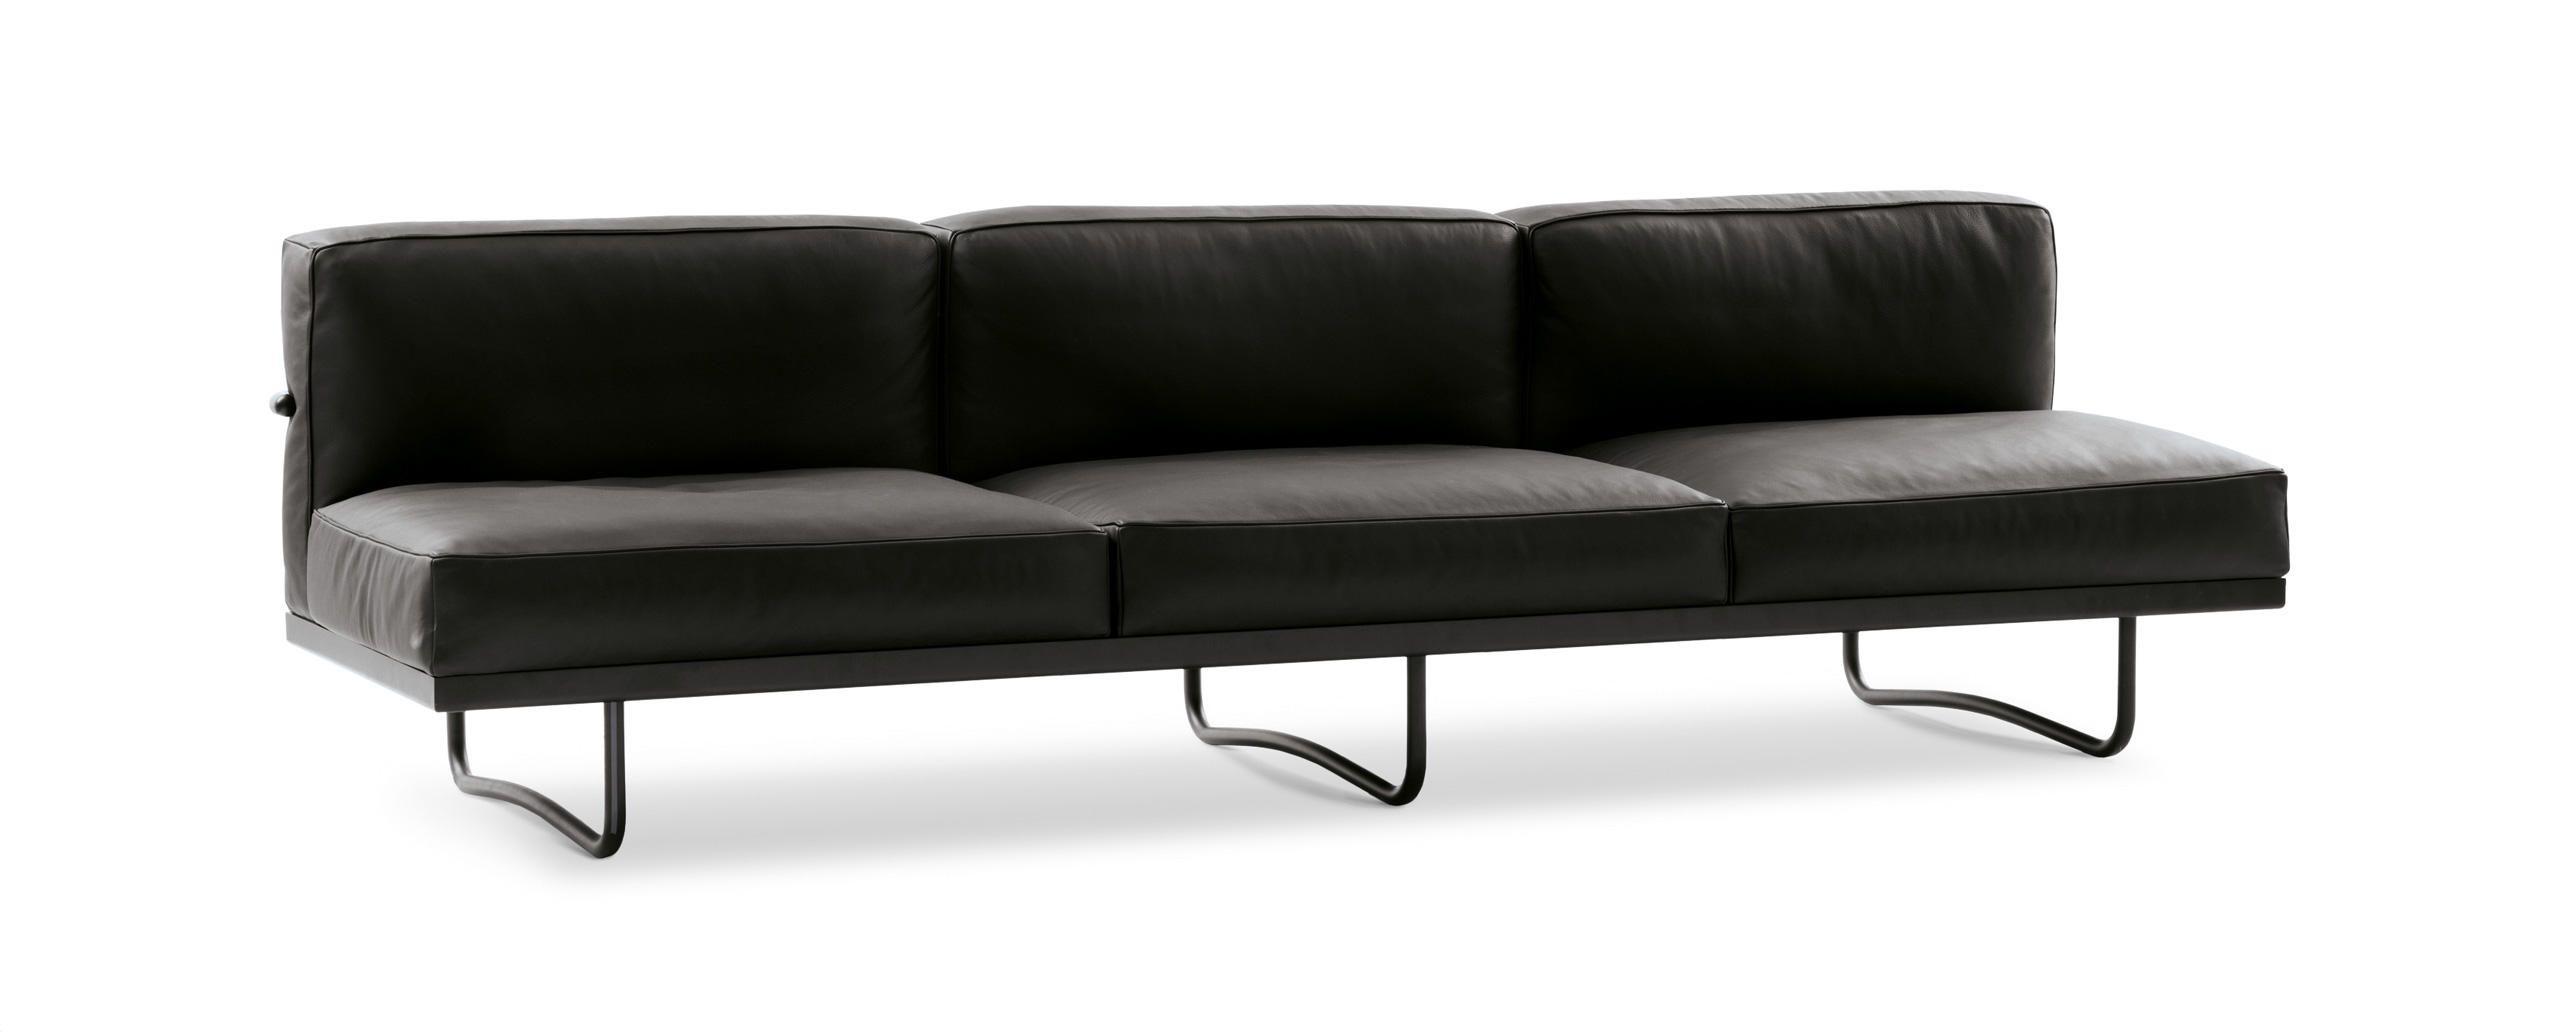 Lc5 cassina furniture pierre jeanneret charlotte perriand e perriand - Divano letto cassina ...